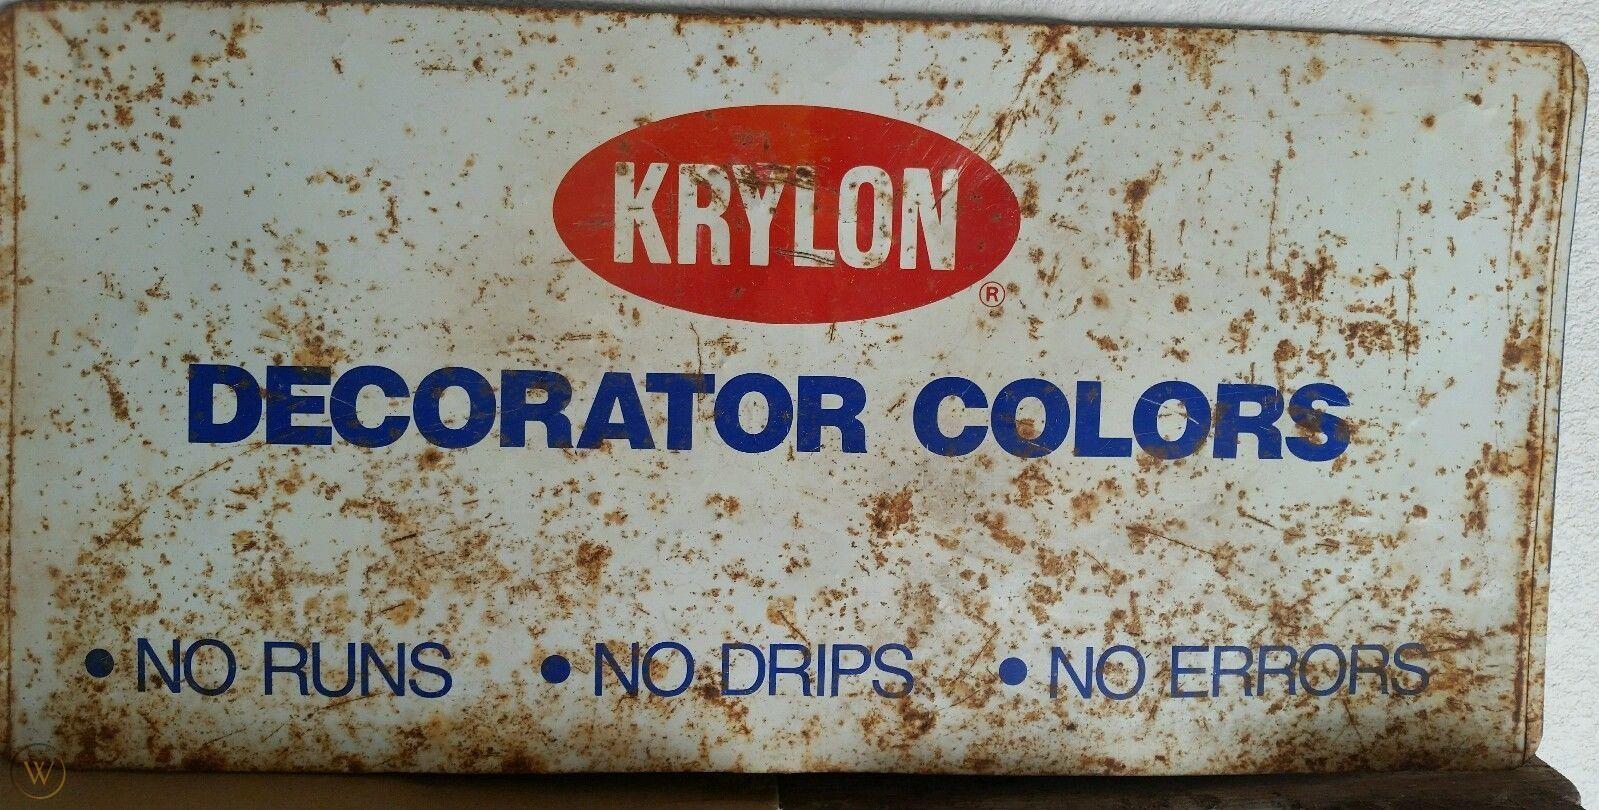 vintage-krylon-spray-paint-display_1_61743d5a6effbea598293009e23e3362